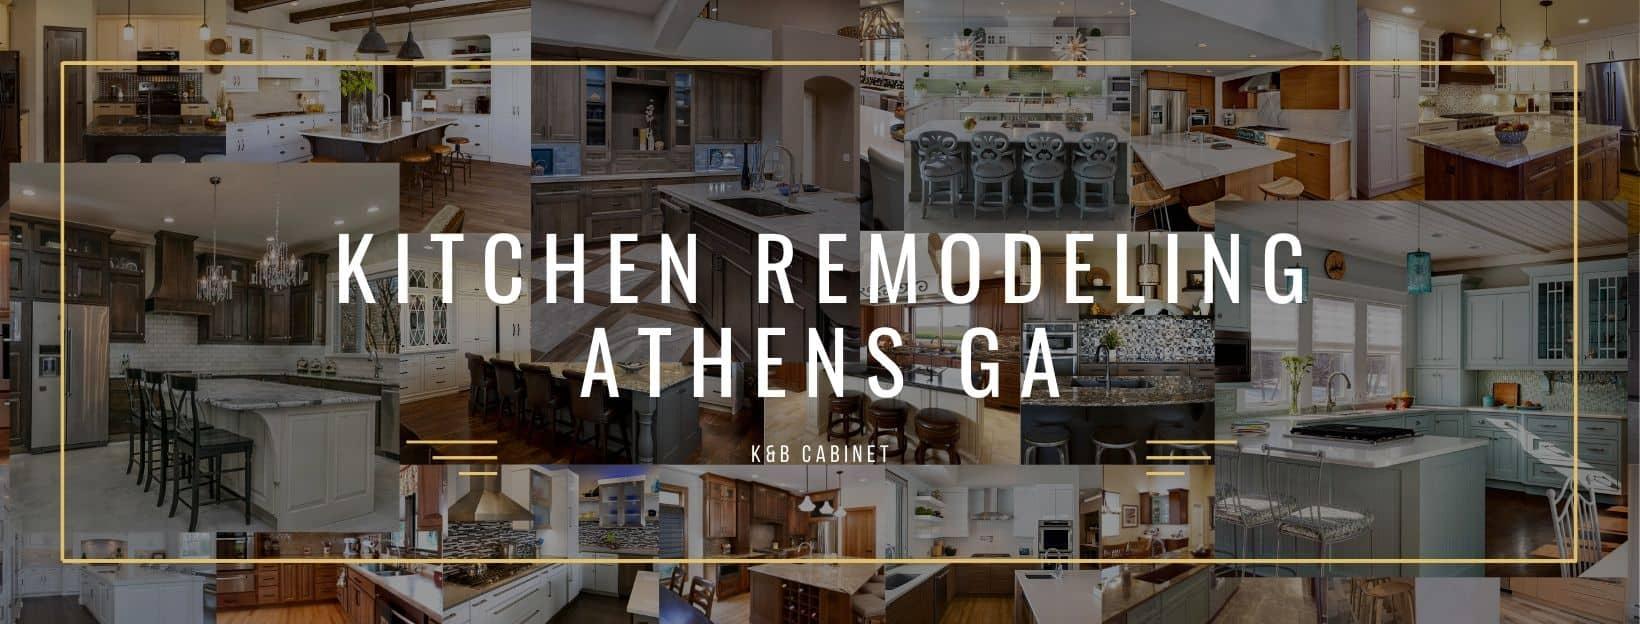 KItchen RemodelIng Athens GA